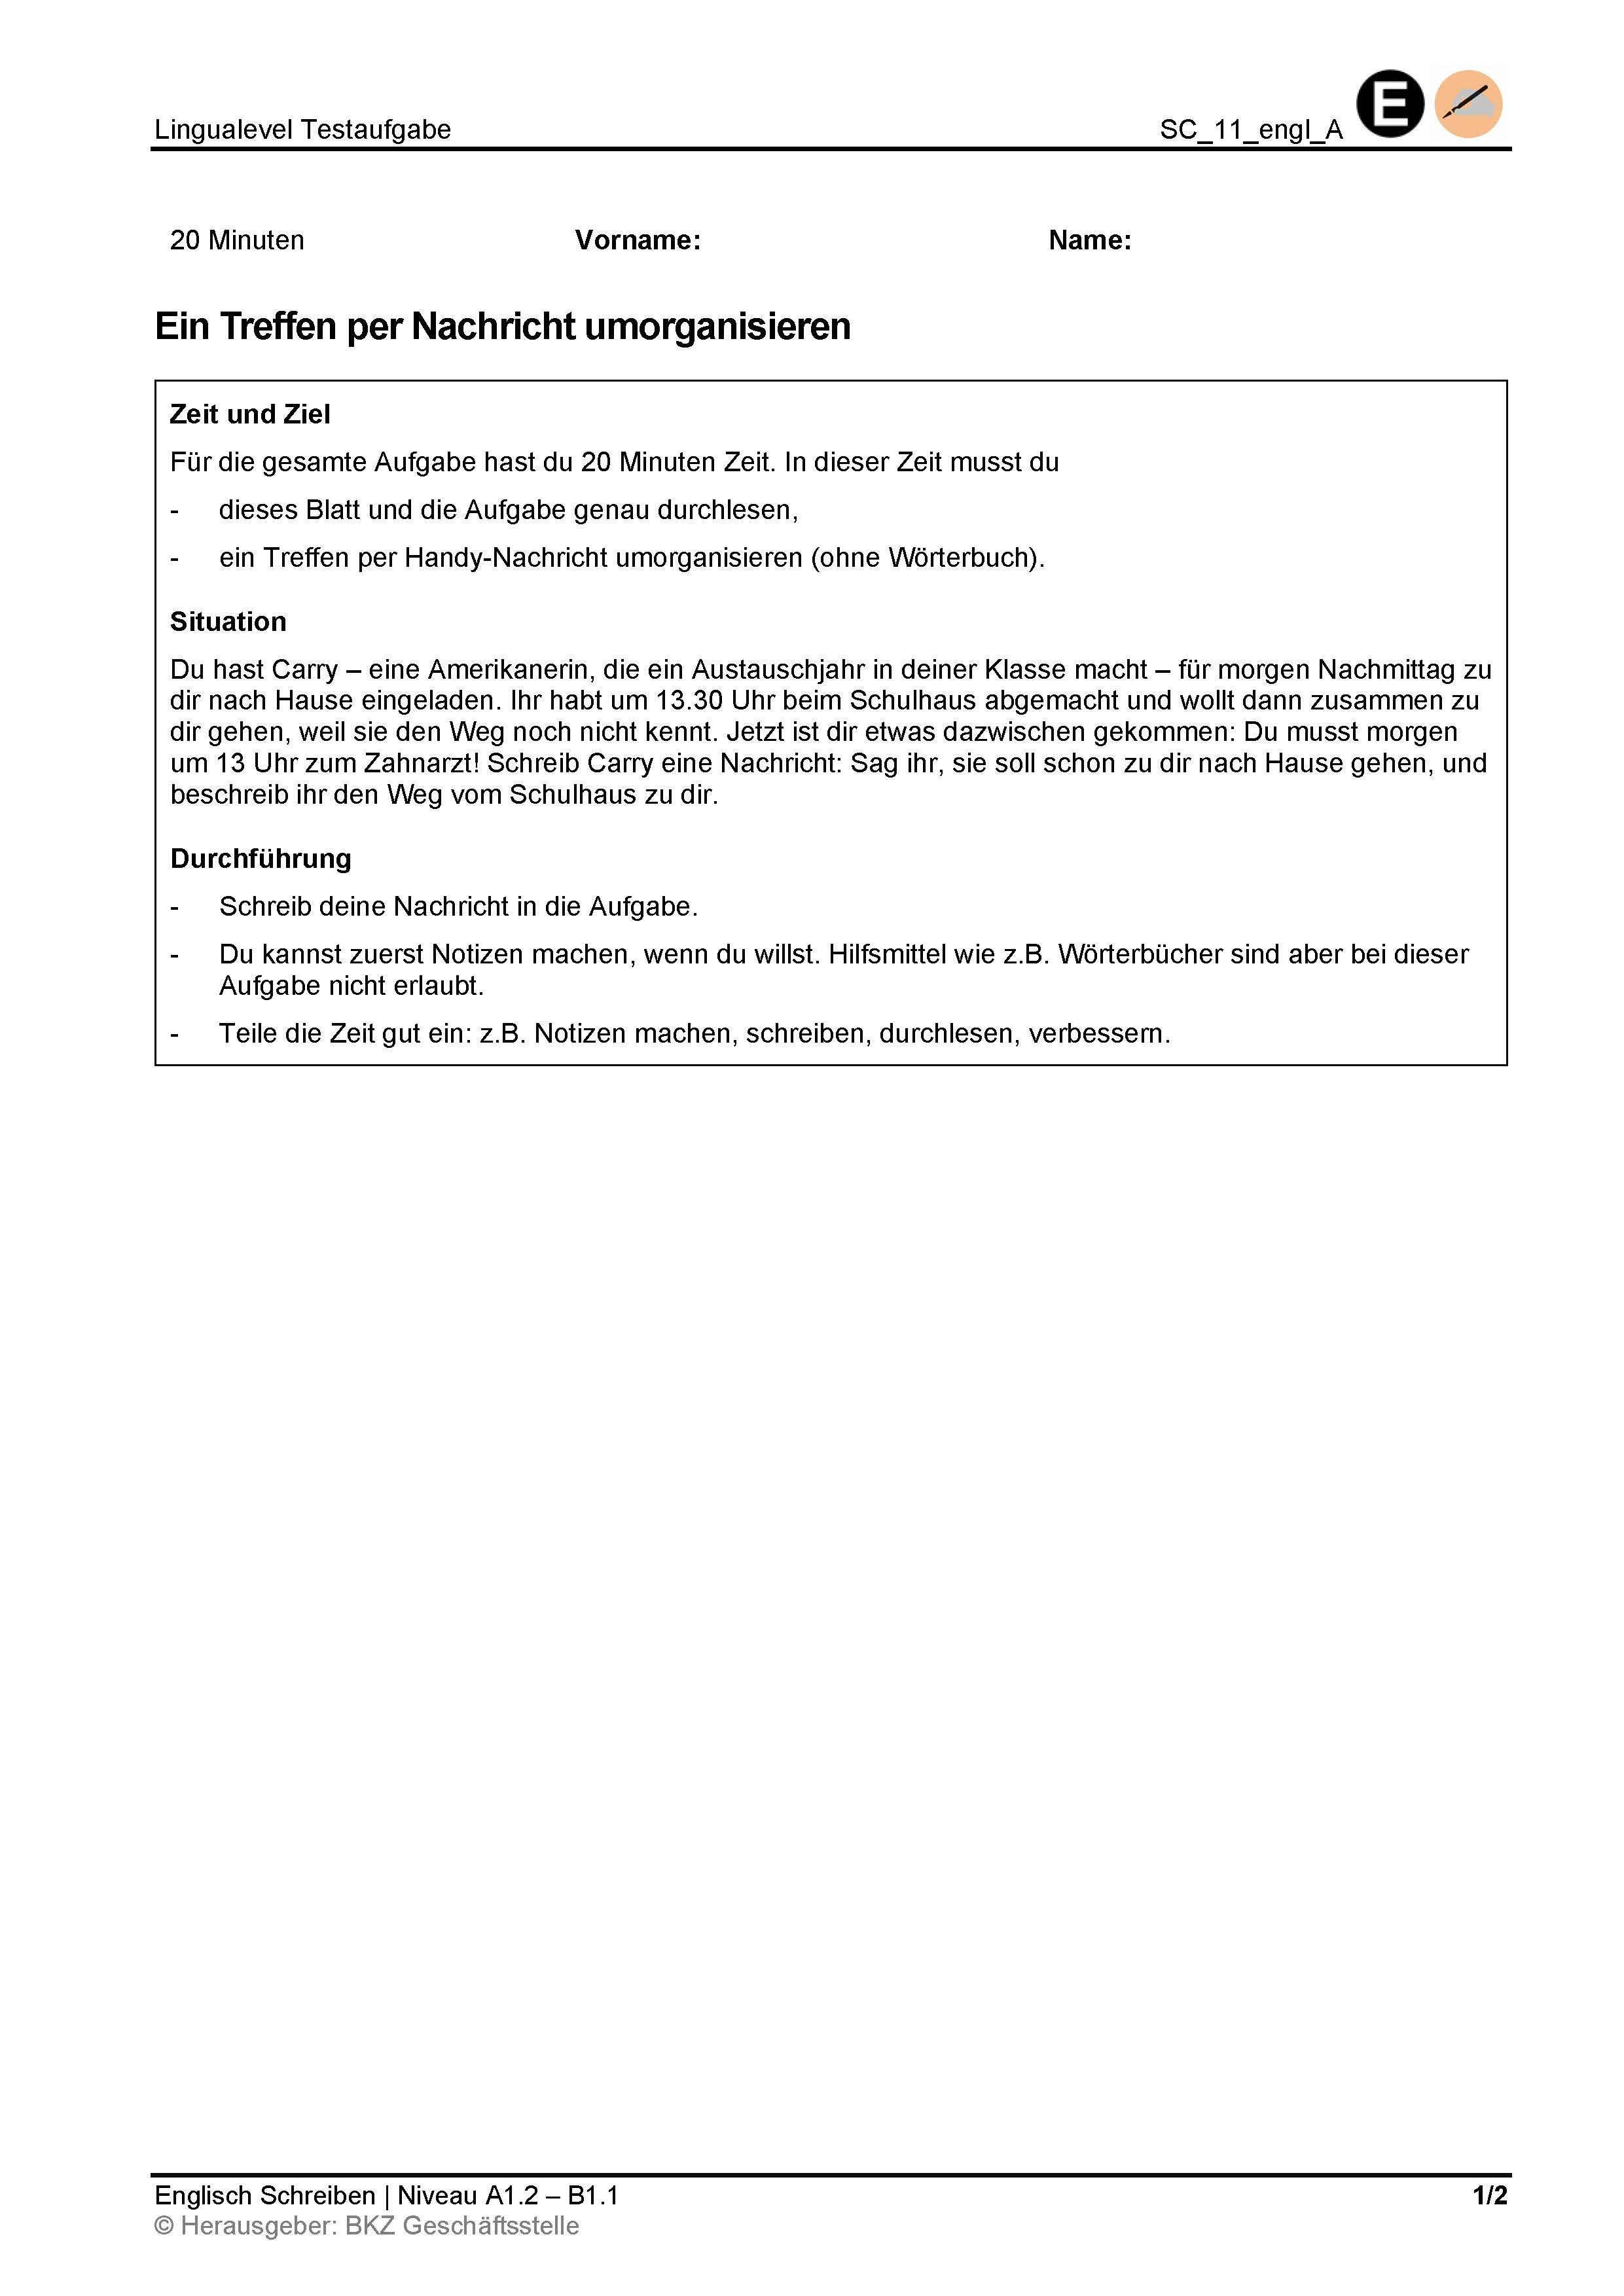 Preview image for LOM object Schreiben: Ein Treffen per Nachricht umorganisieren